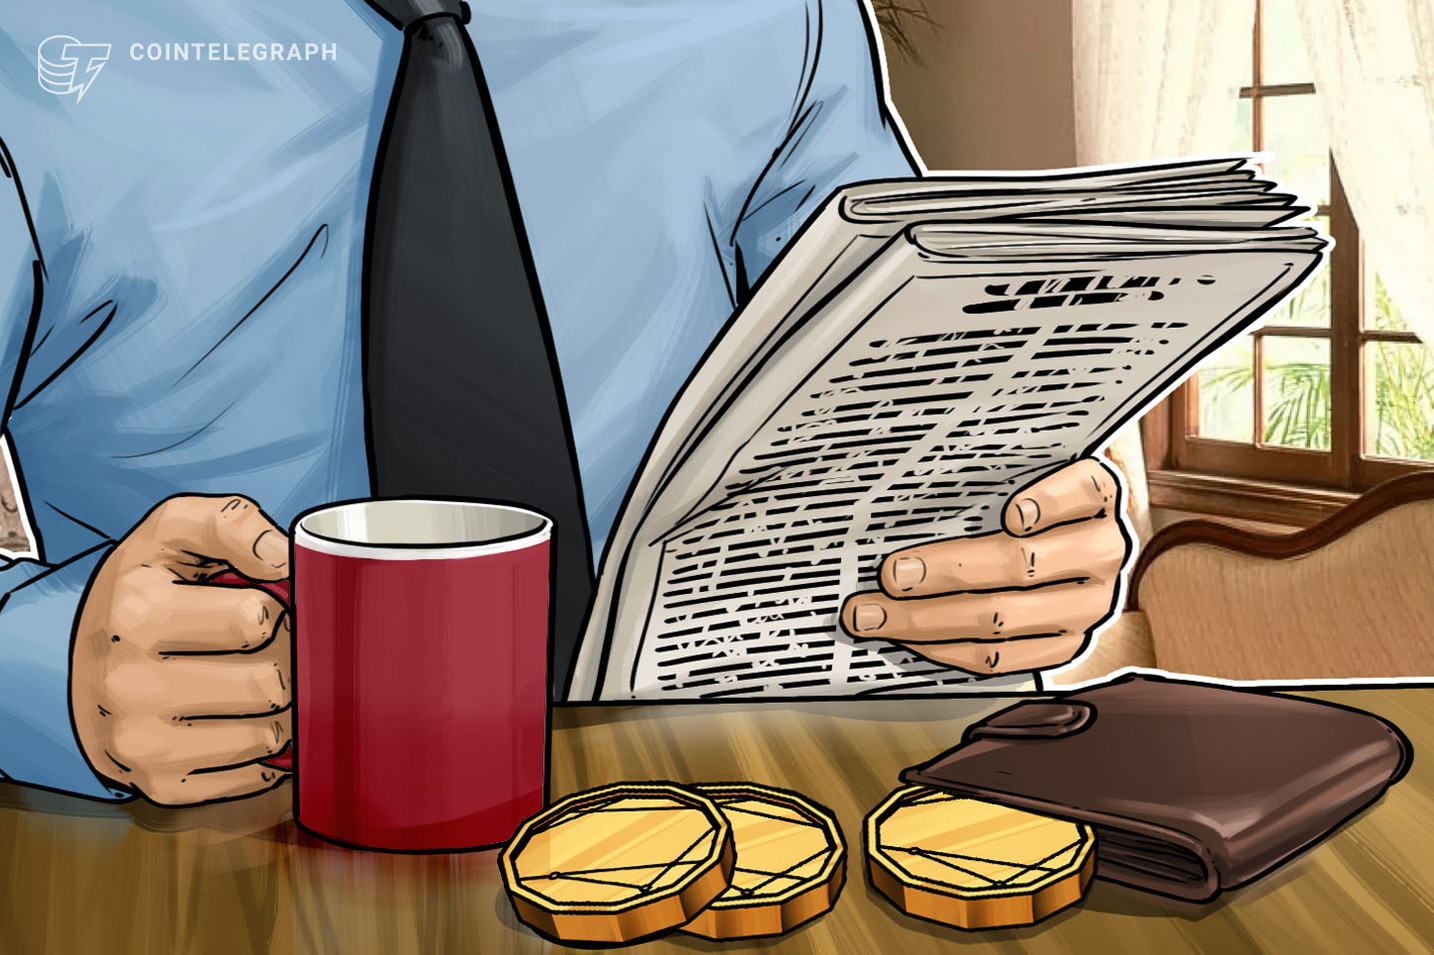 شركة بلوكتشين التابعة لأوفرستوك تستحوذ على حصة في منصة بلوكتشين للخدمات المصرفية